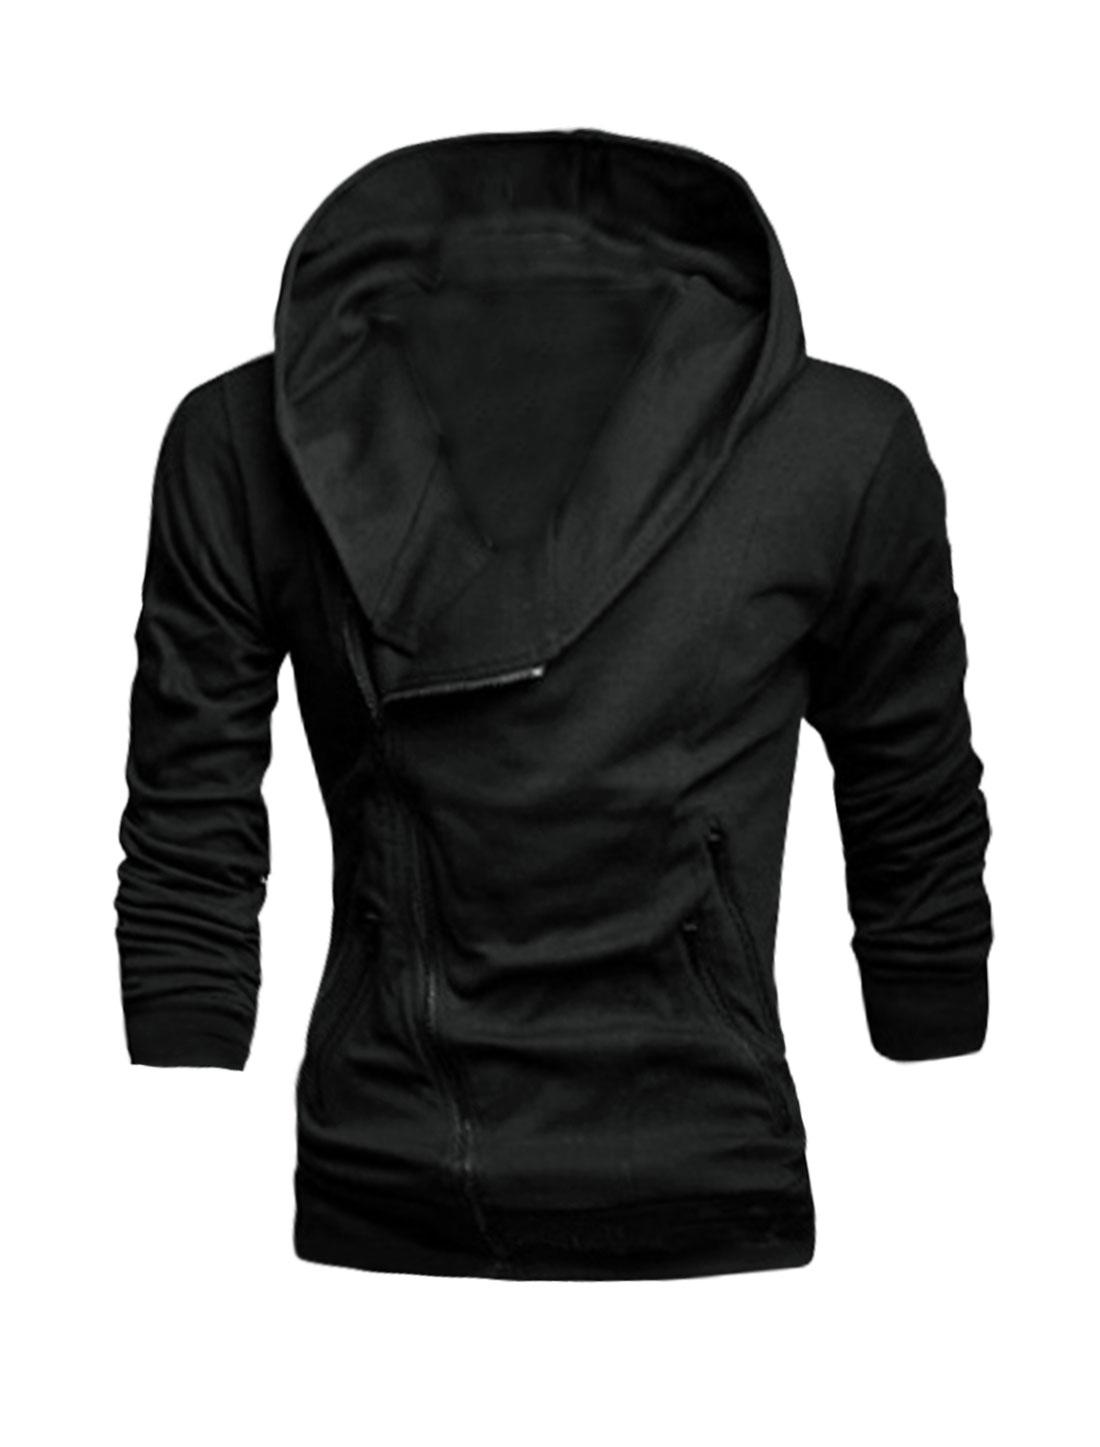 Men Long Sleeves Zipper Closure Slim Fit Hooded Jacket Black M